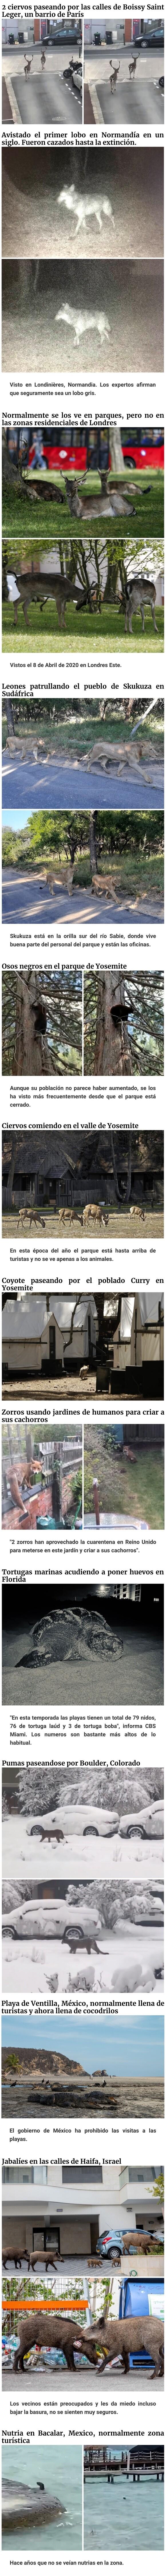 13601 - Con los humanos en cuarentena, los animales se pasean por las ciudades